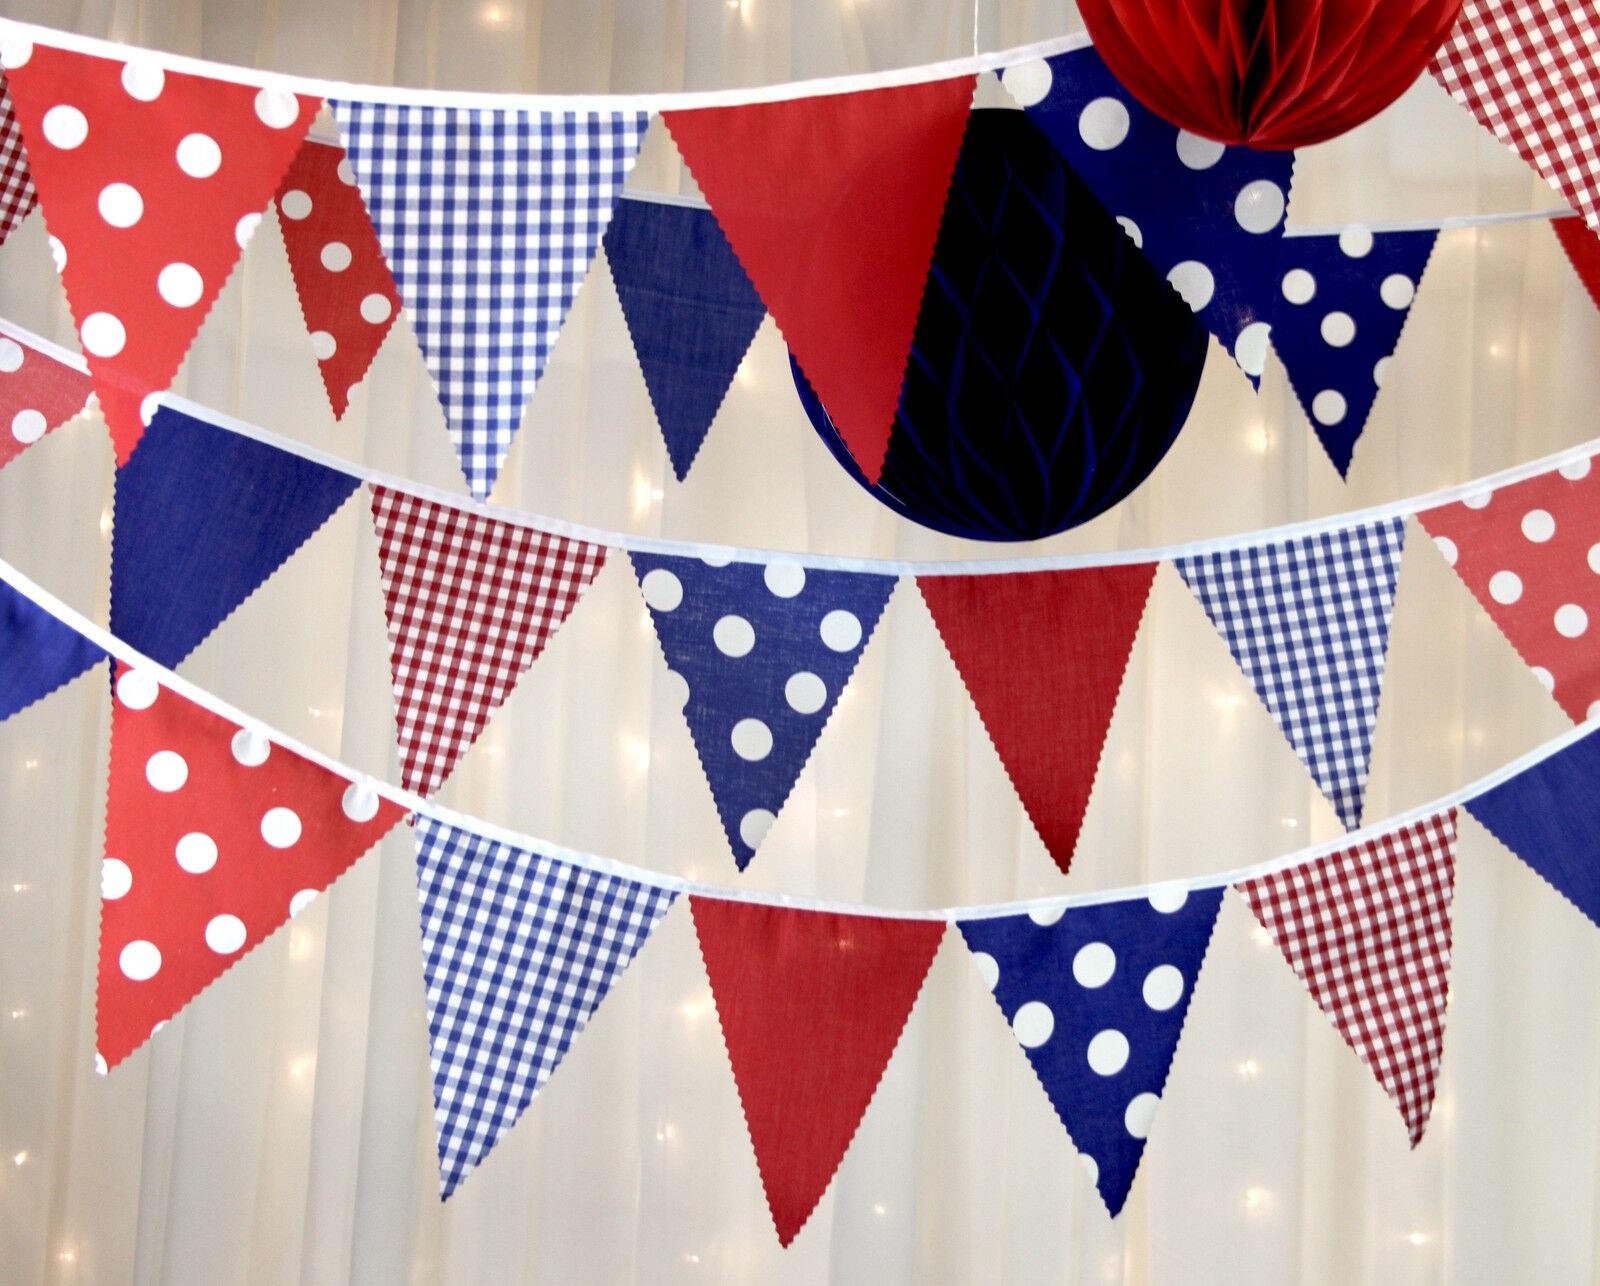 Nautique Gingham, Hut Bunting rouge, blanc bleu taches Gingham, Nautique mariages, douches bébé f2124a